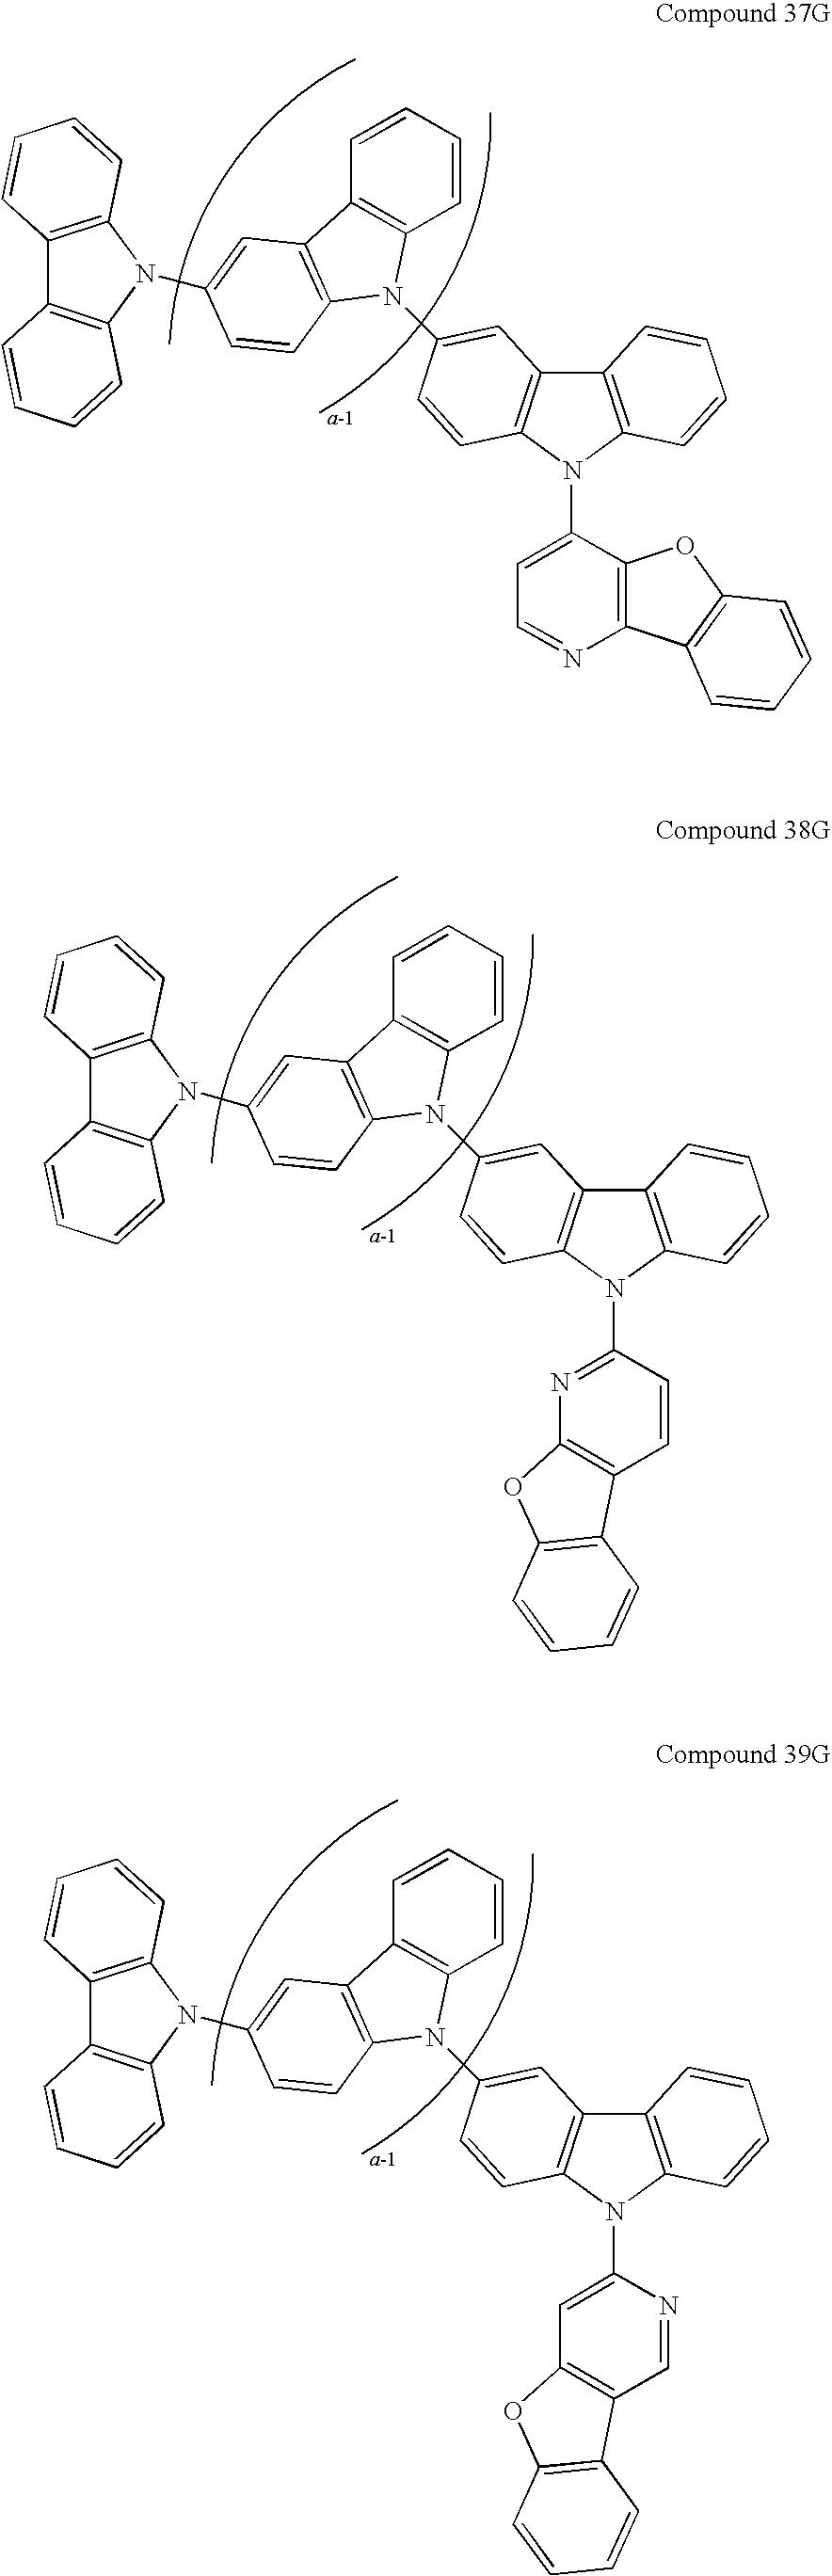 Figure US20090134784A1-20090528-C00016